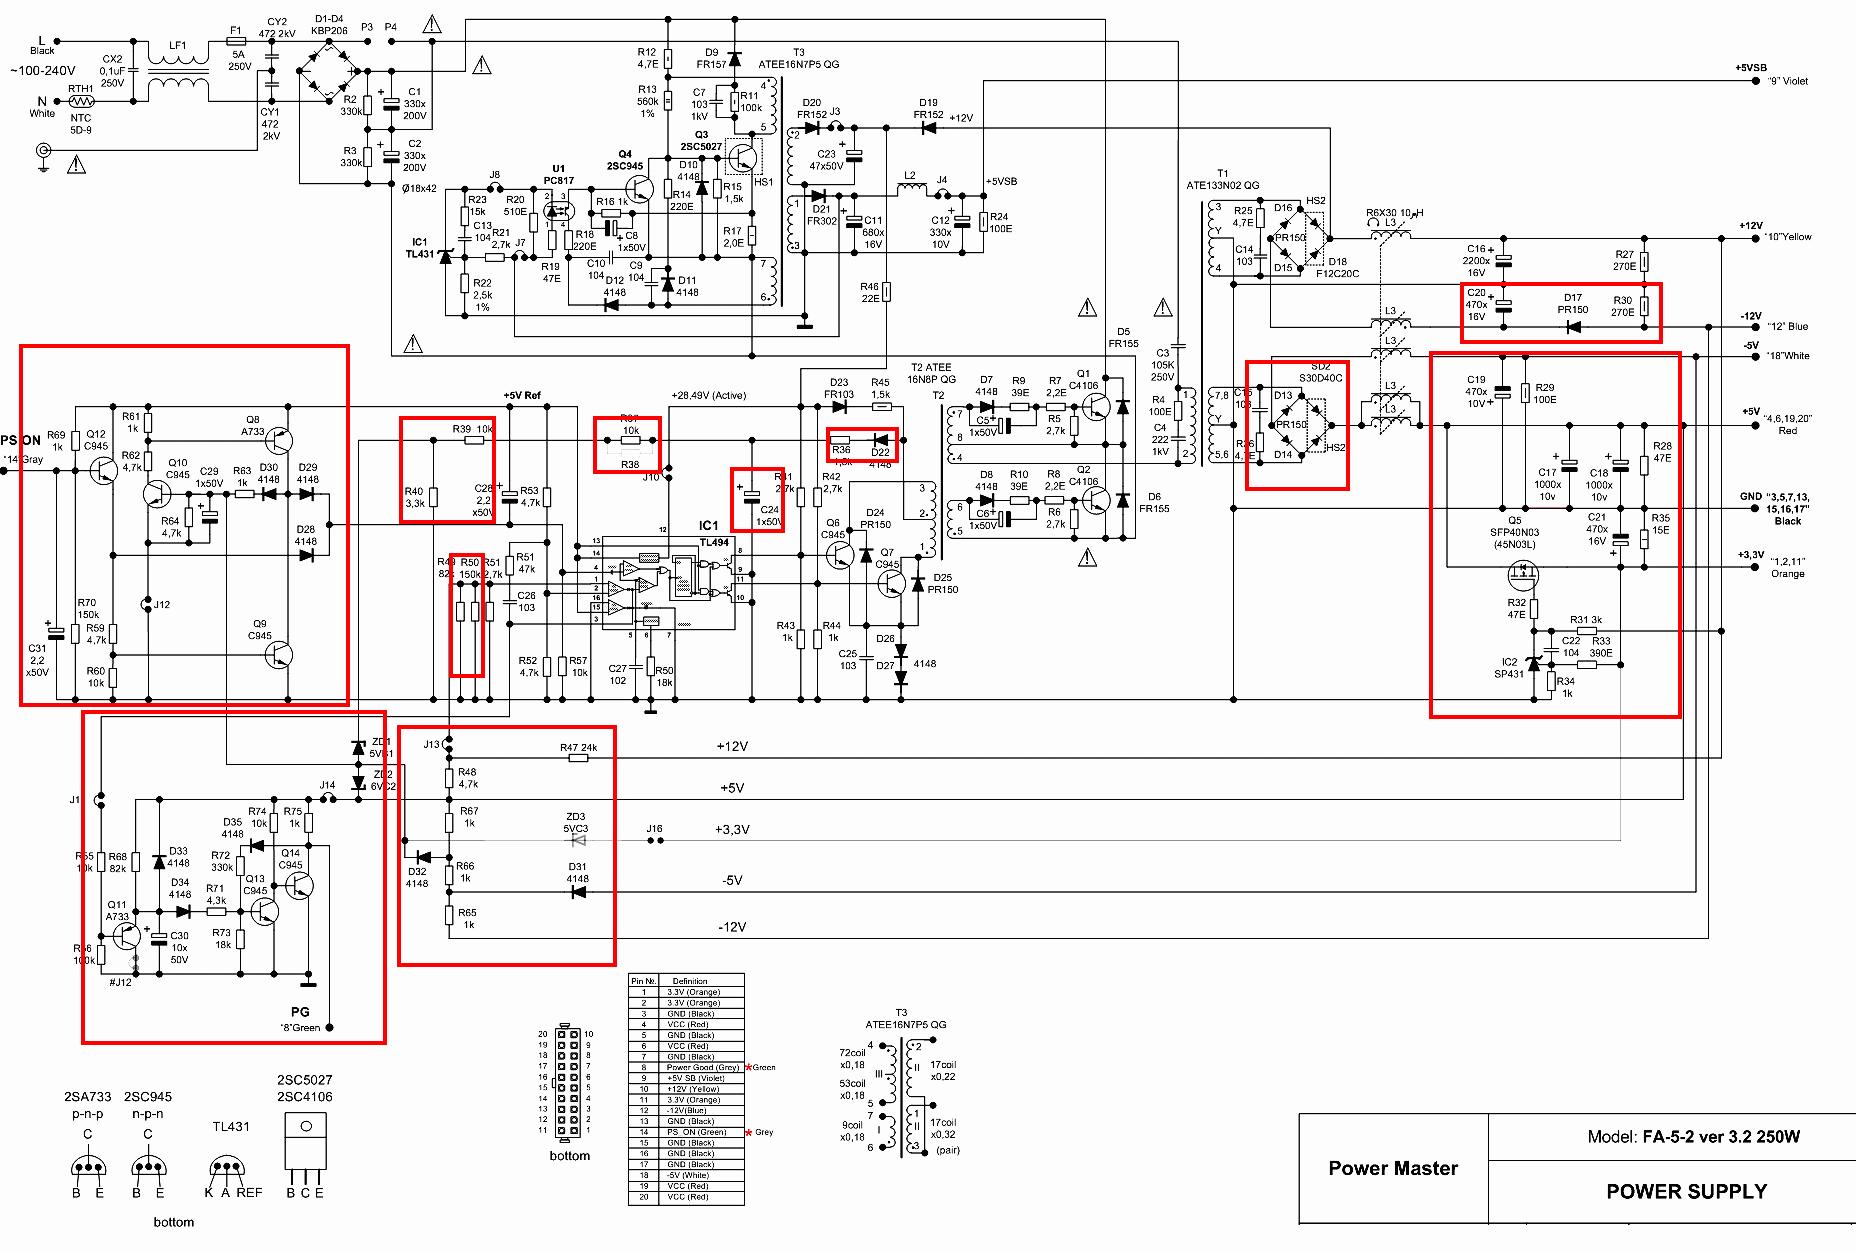 Схема мощного лабораторного блока питания из доступных деталей